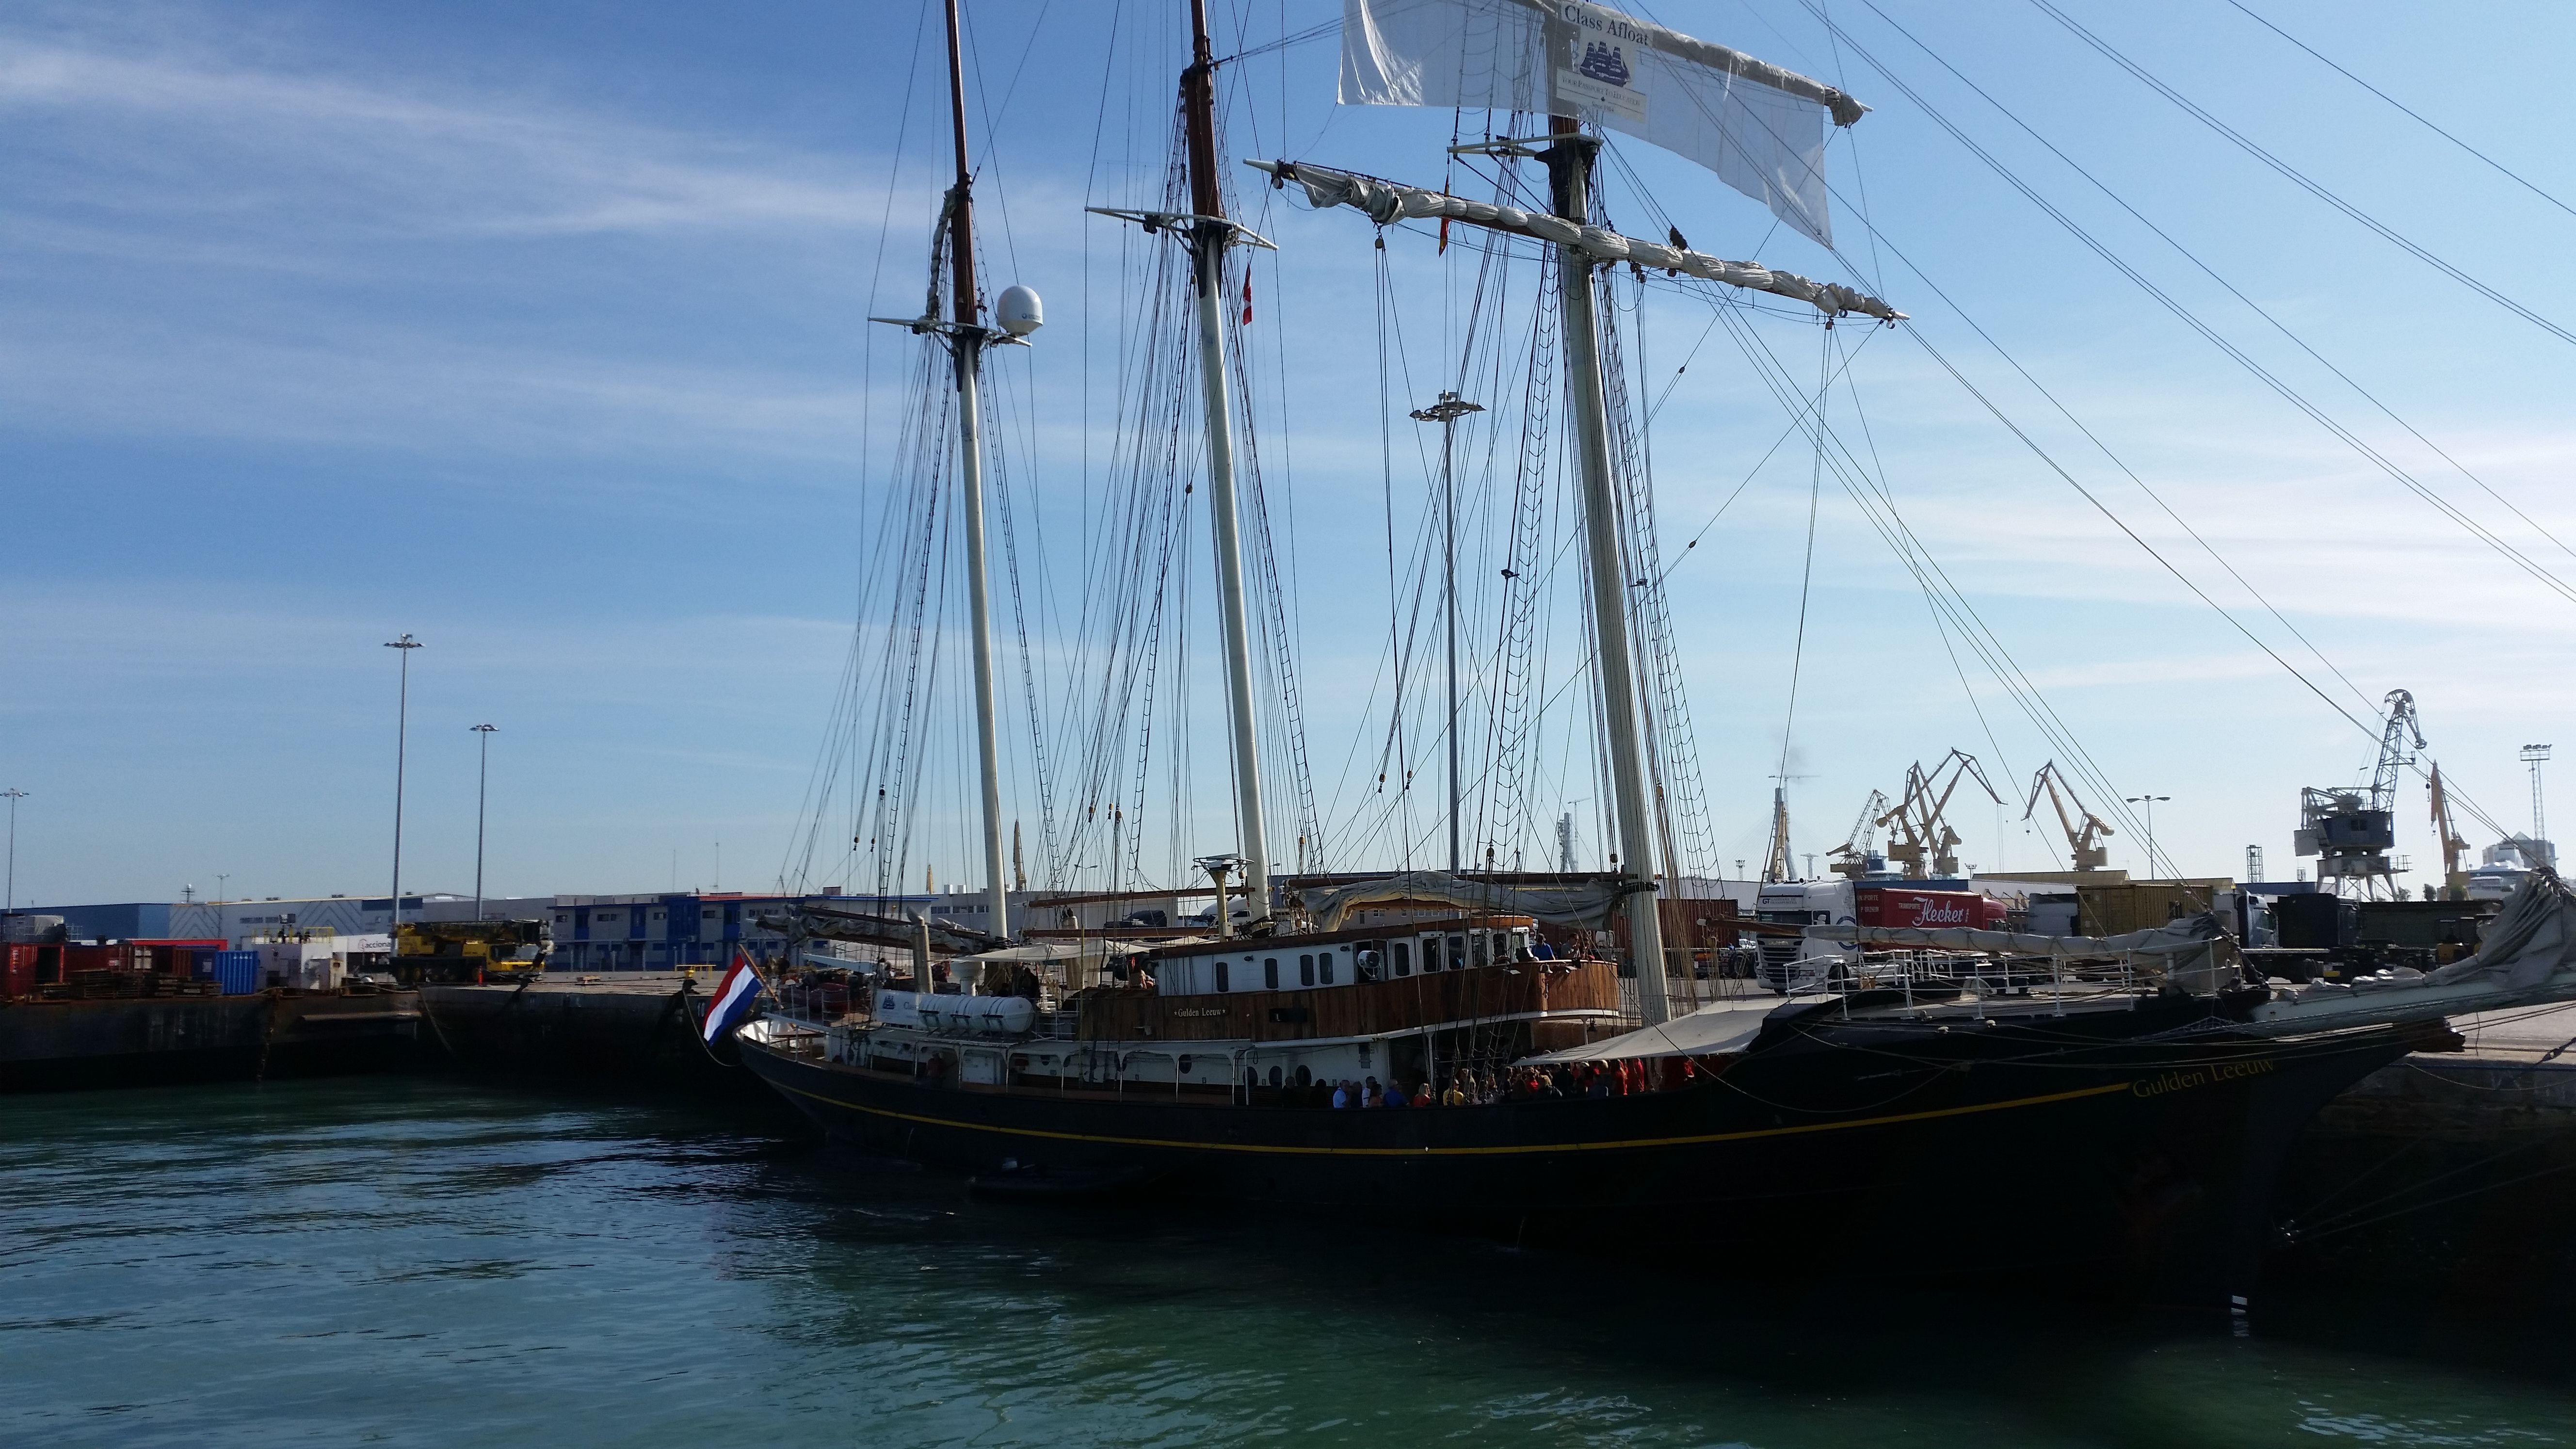 buque de recreo atracado en los muelles del puerto de Cádiz